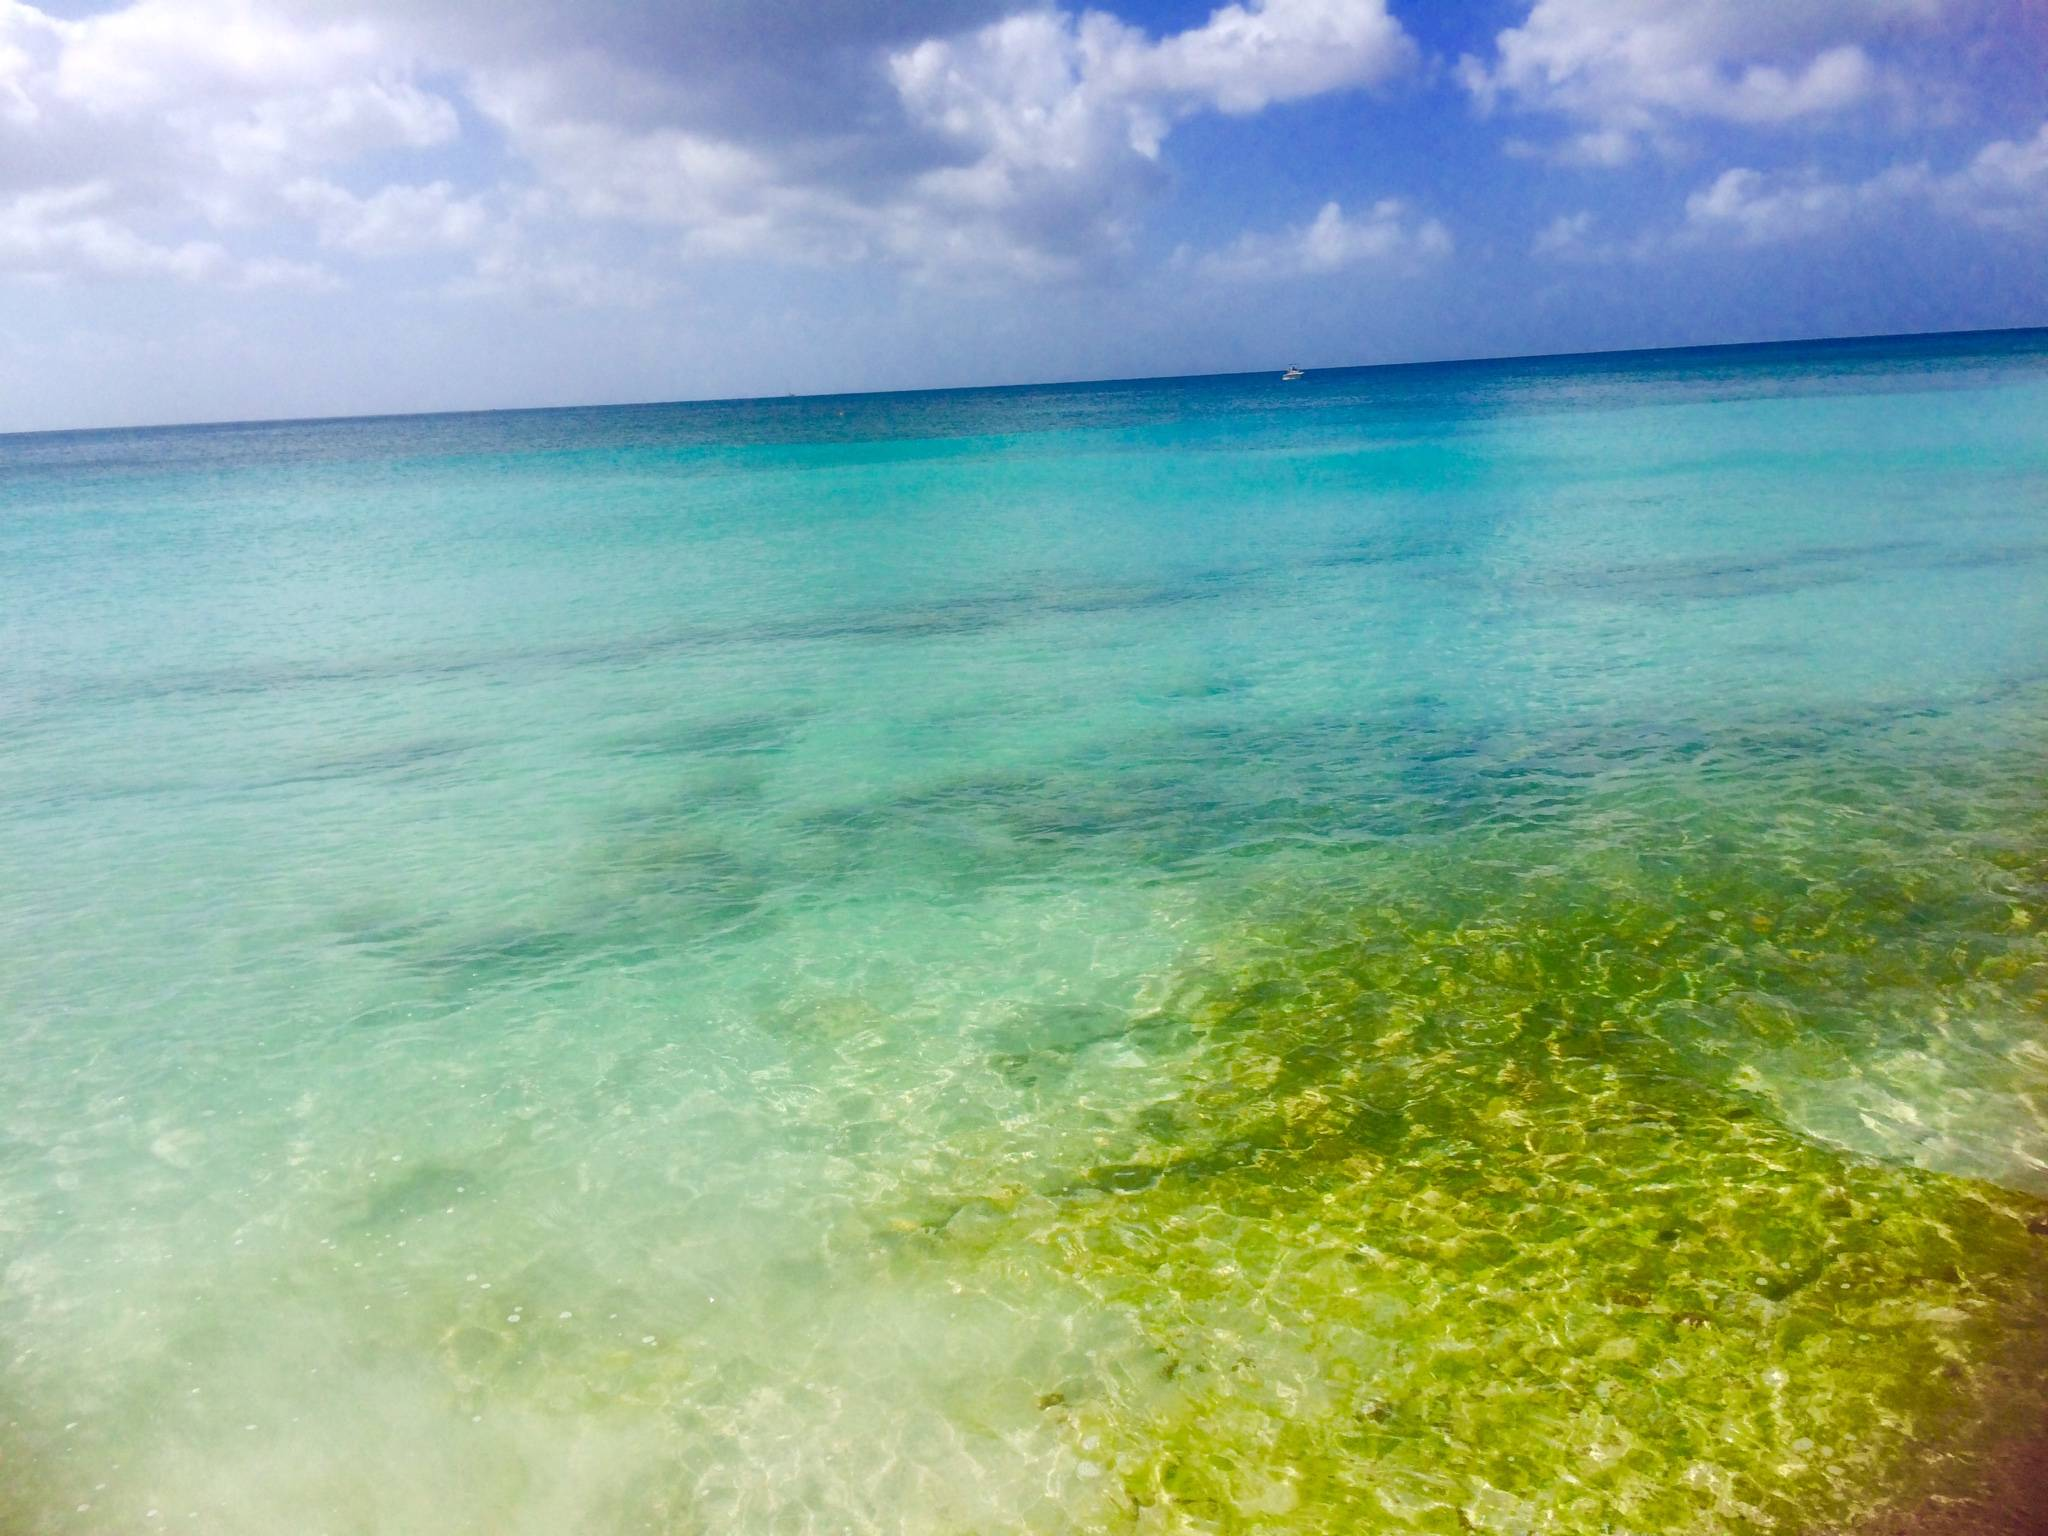 Photo 1: Plongée à la Martinique